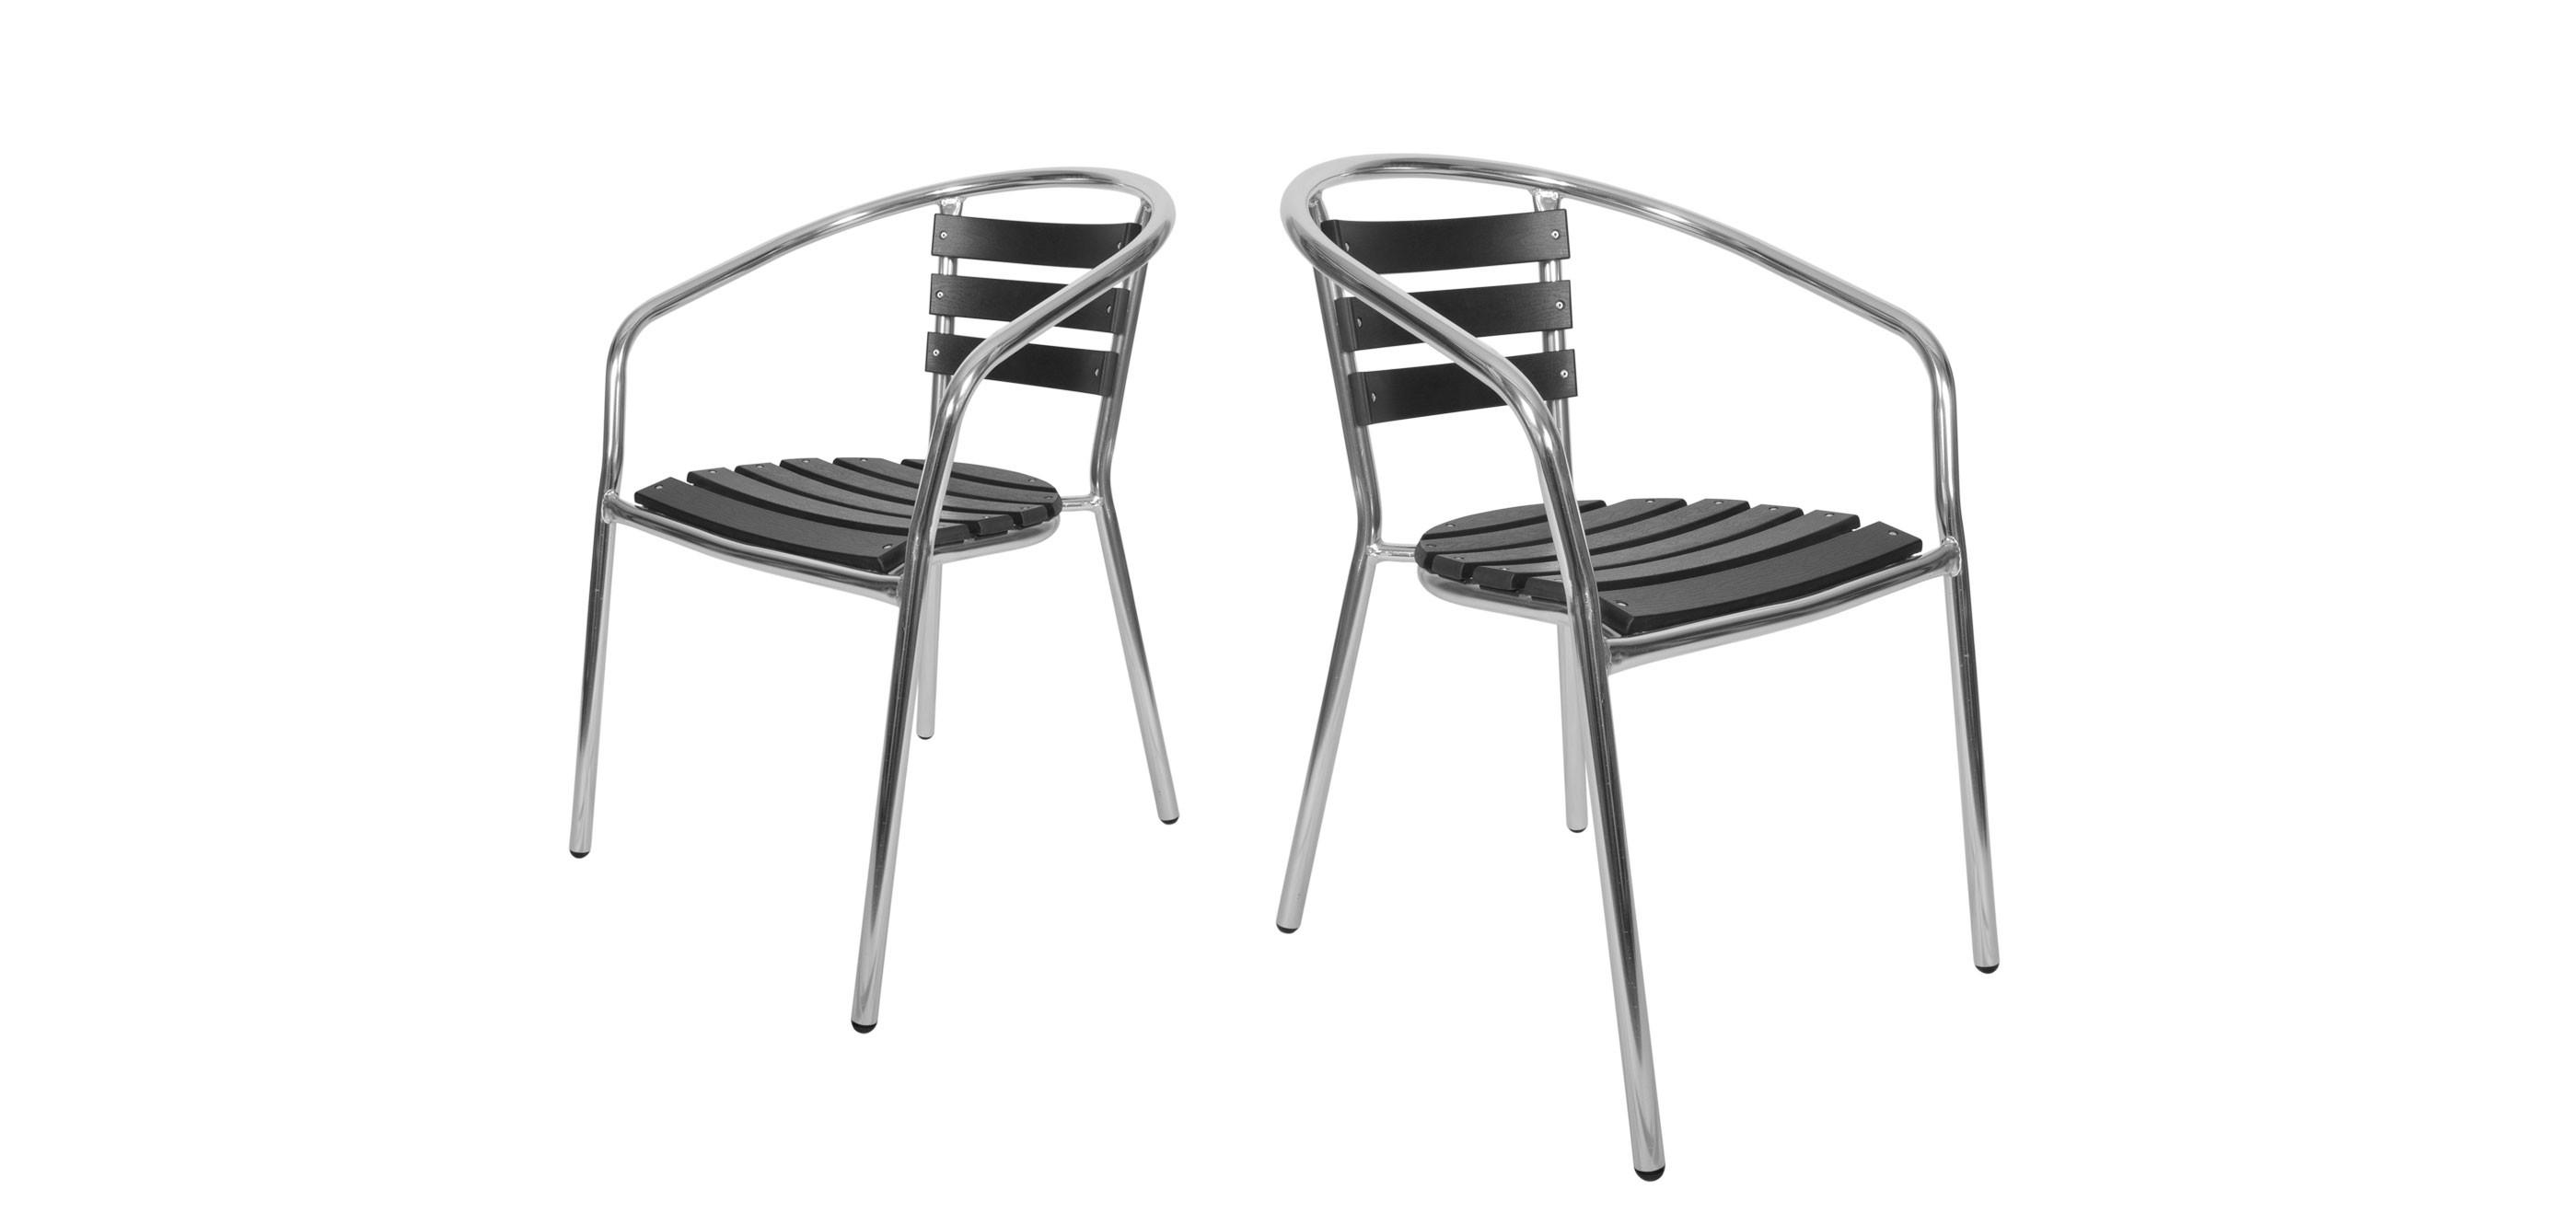 Chaises pas cheres d coration de maison - Chaises design pas cheres ...